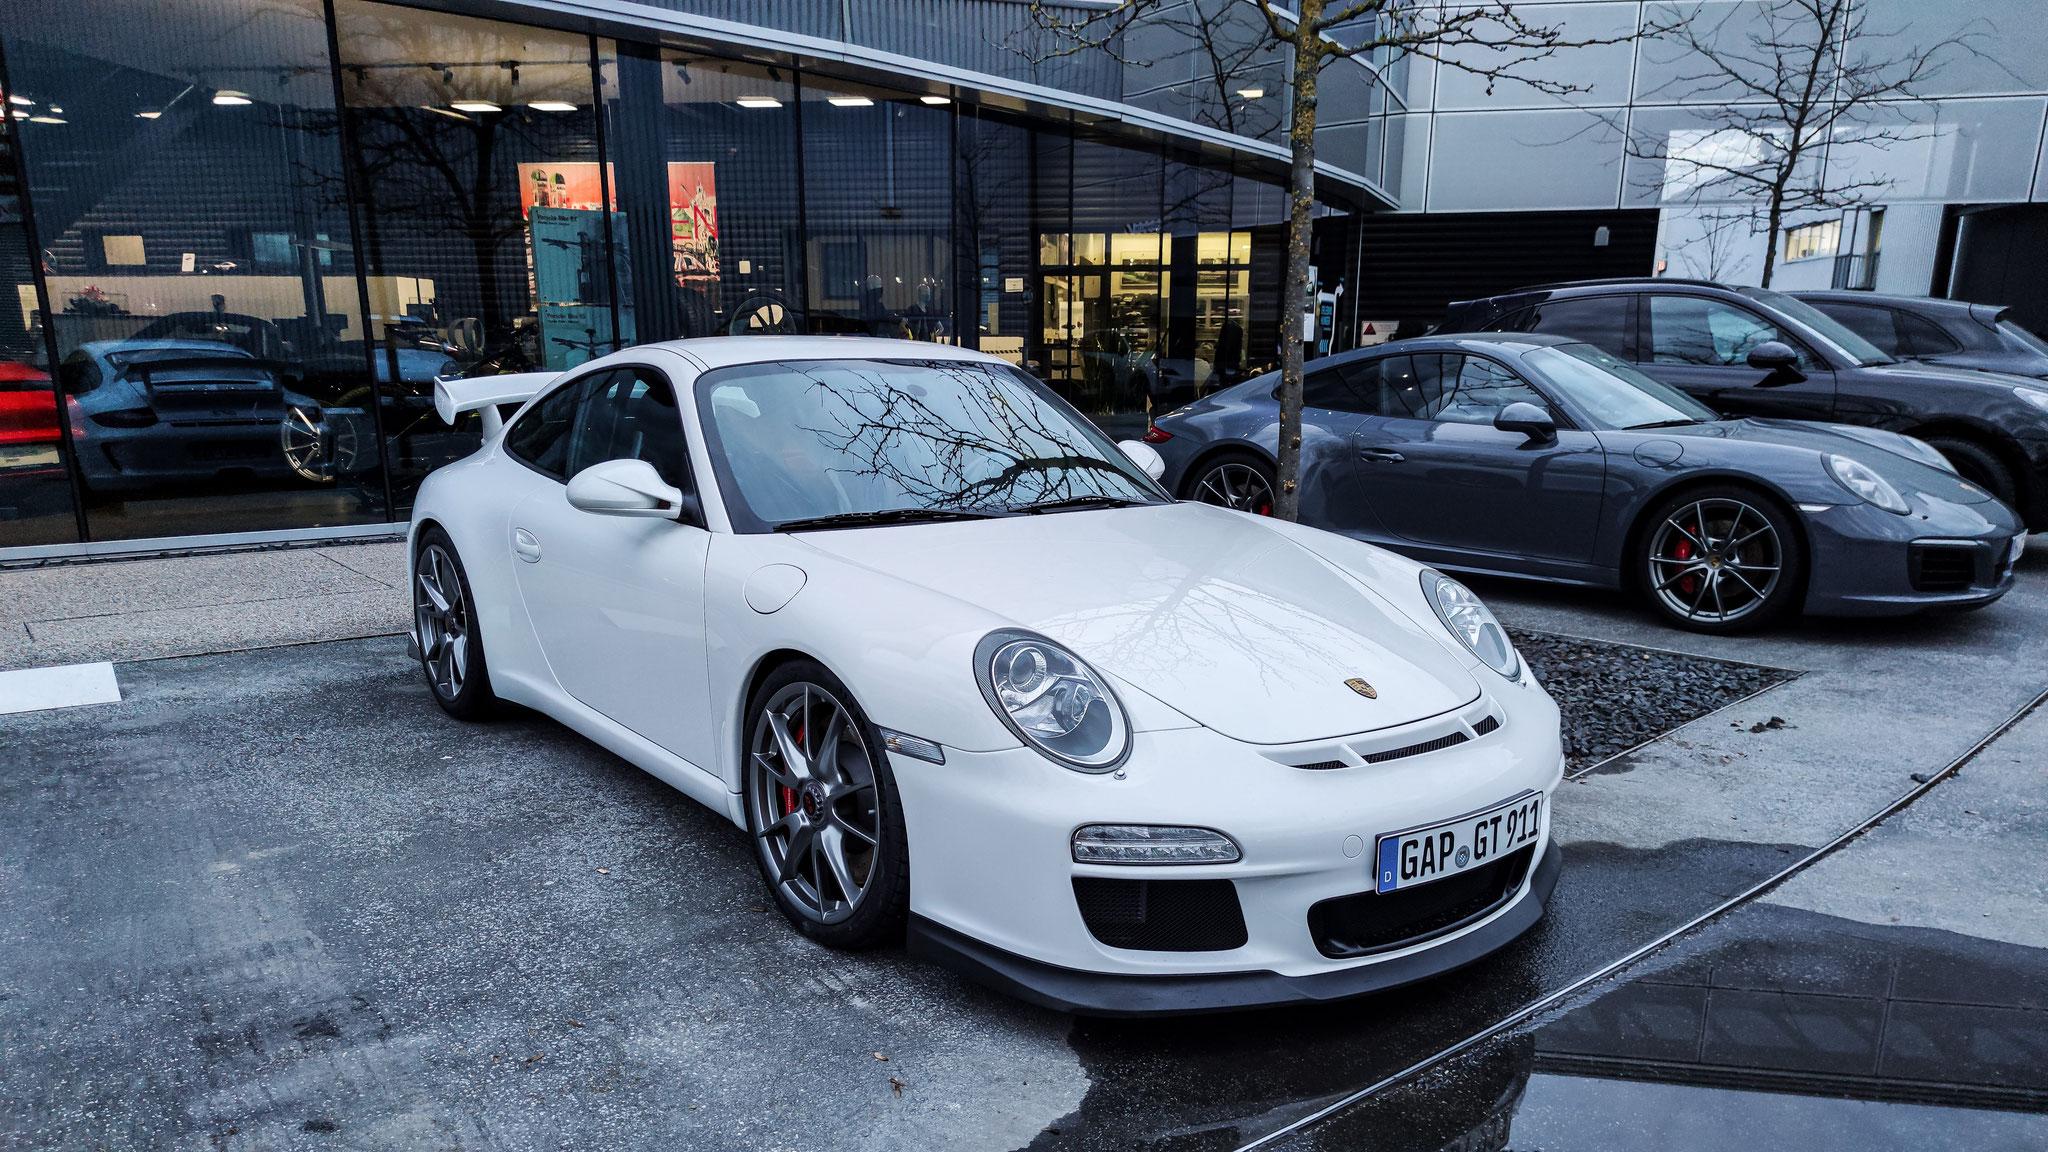 Porsche GT3 997 - GAP-GT-911